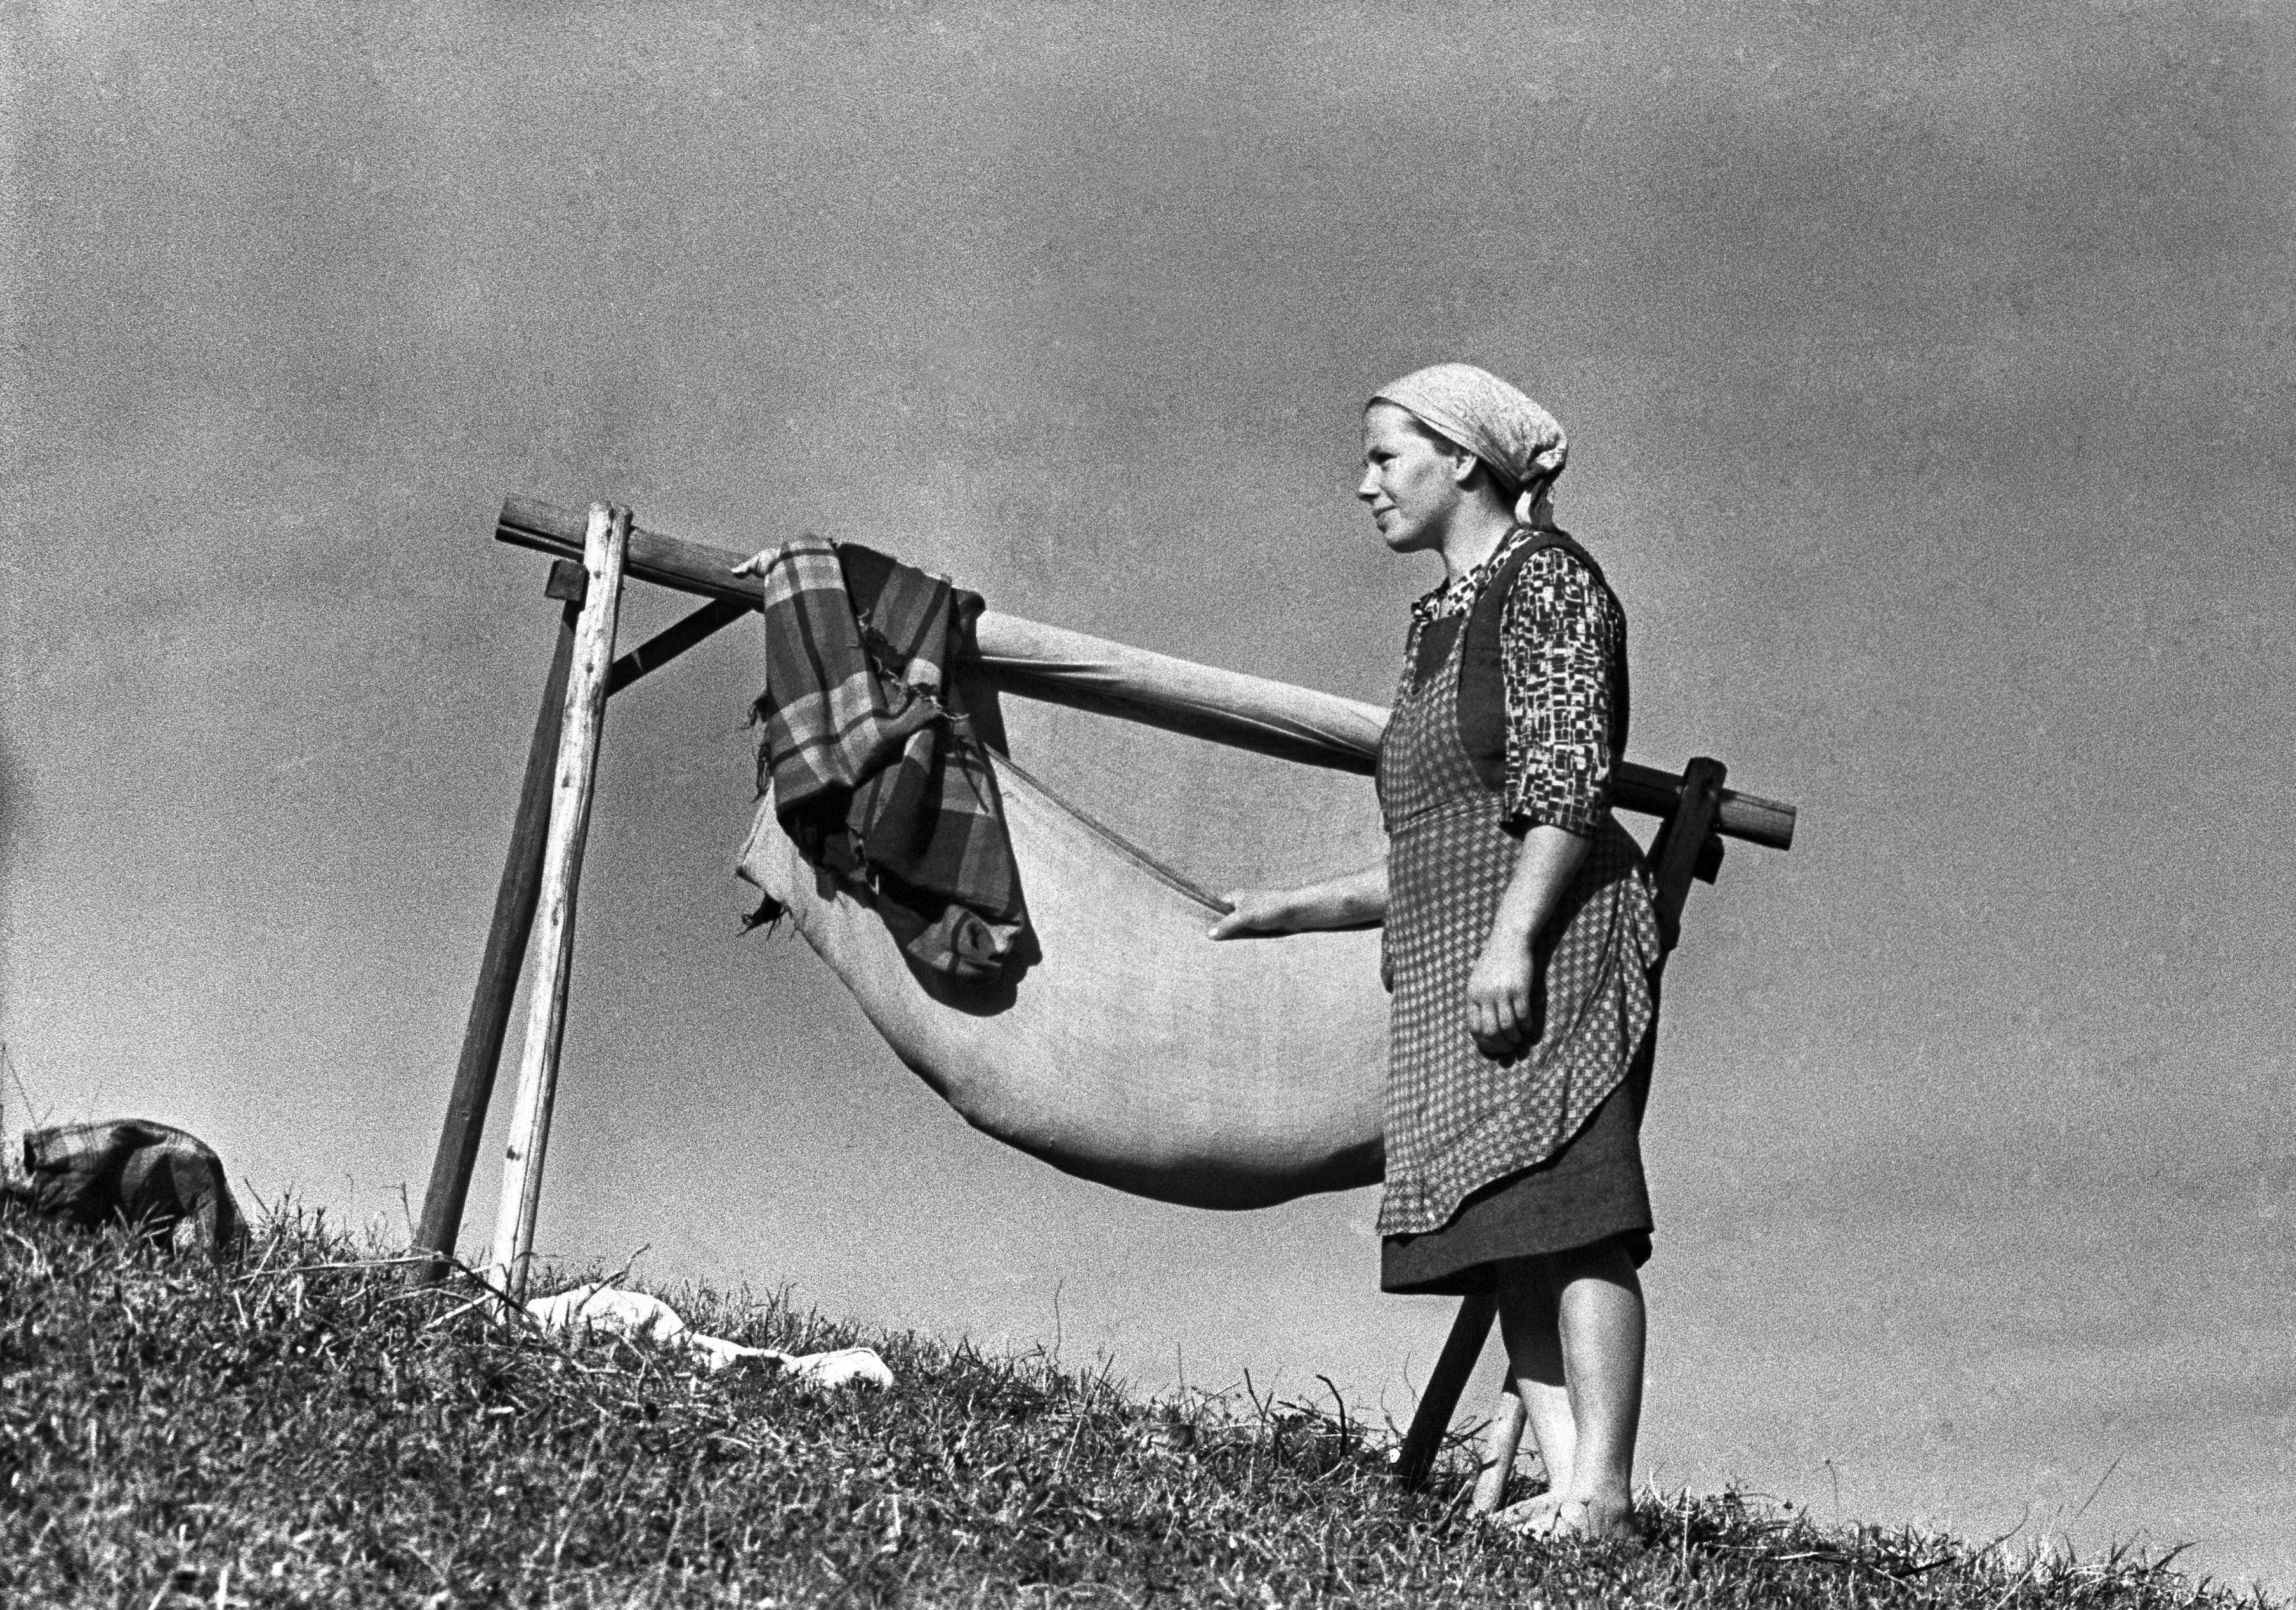 Dolina Słońca, Beskid Sądecki, 10.1969. Kobieta z dzieckiem w kołysce. Fot. Aleksander Jałosiński/FORUM